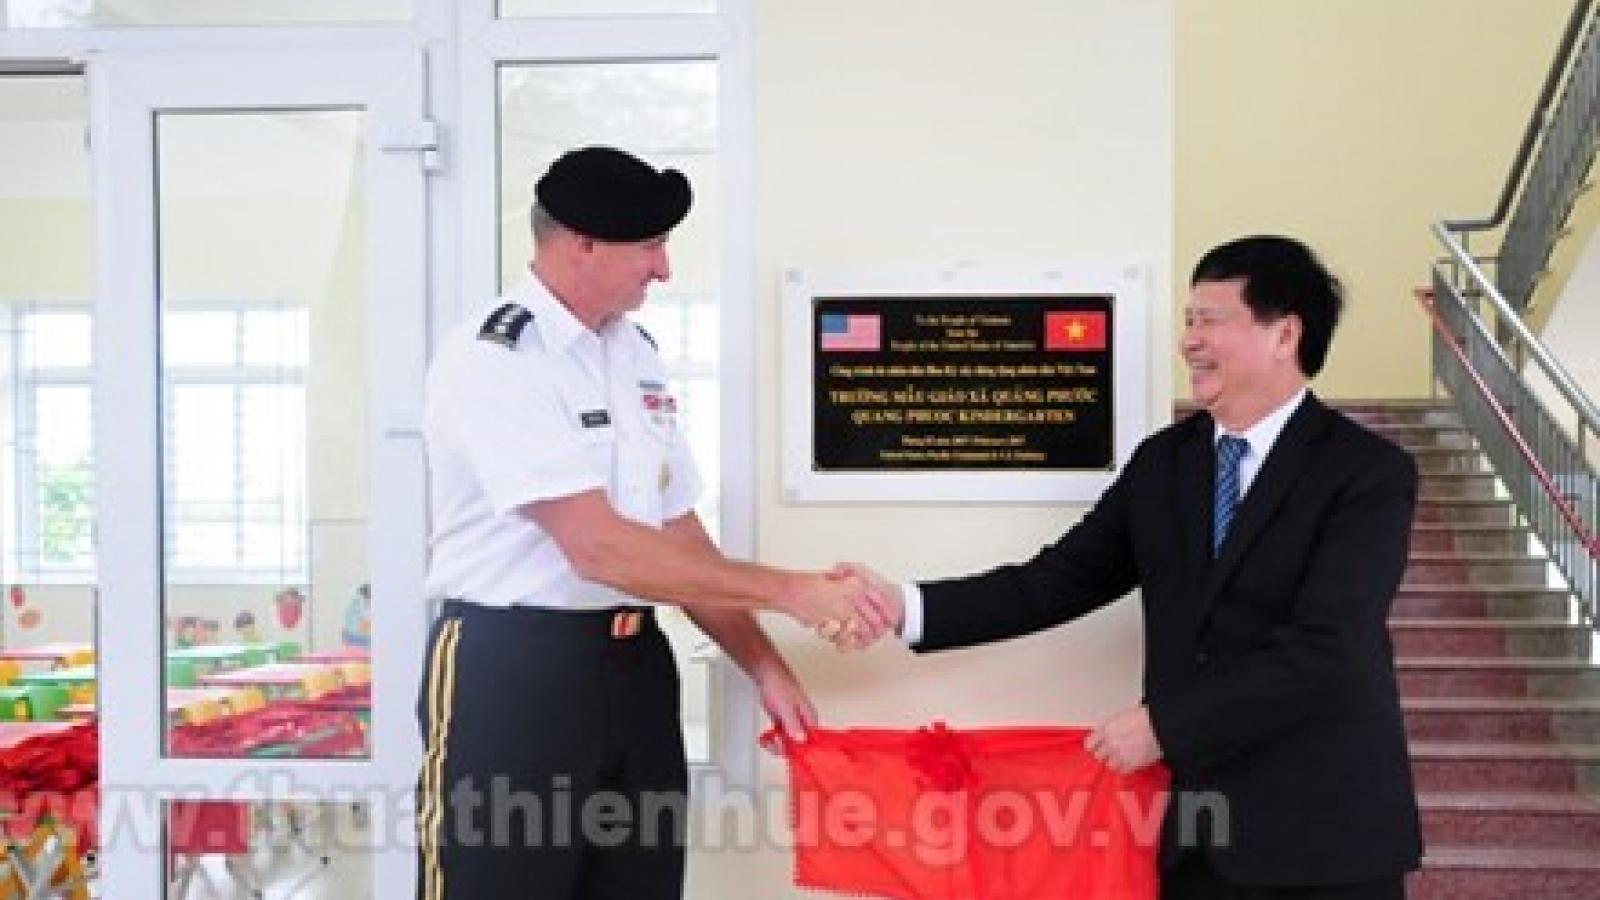 US helps Thua Thien-Hue build kindergarten school